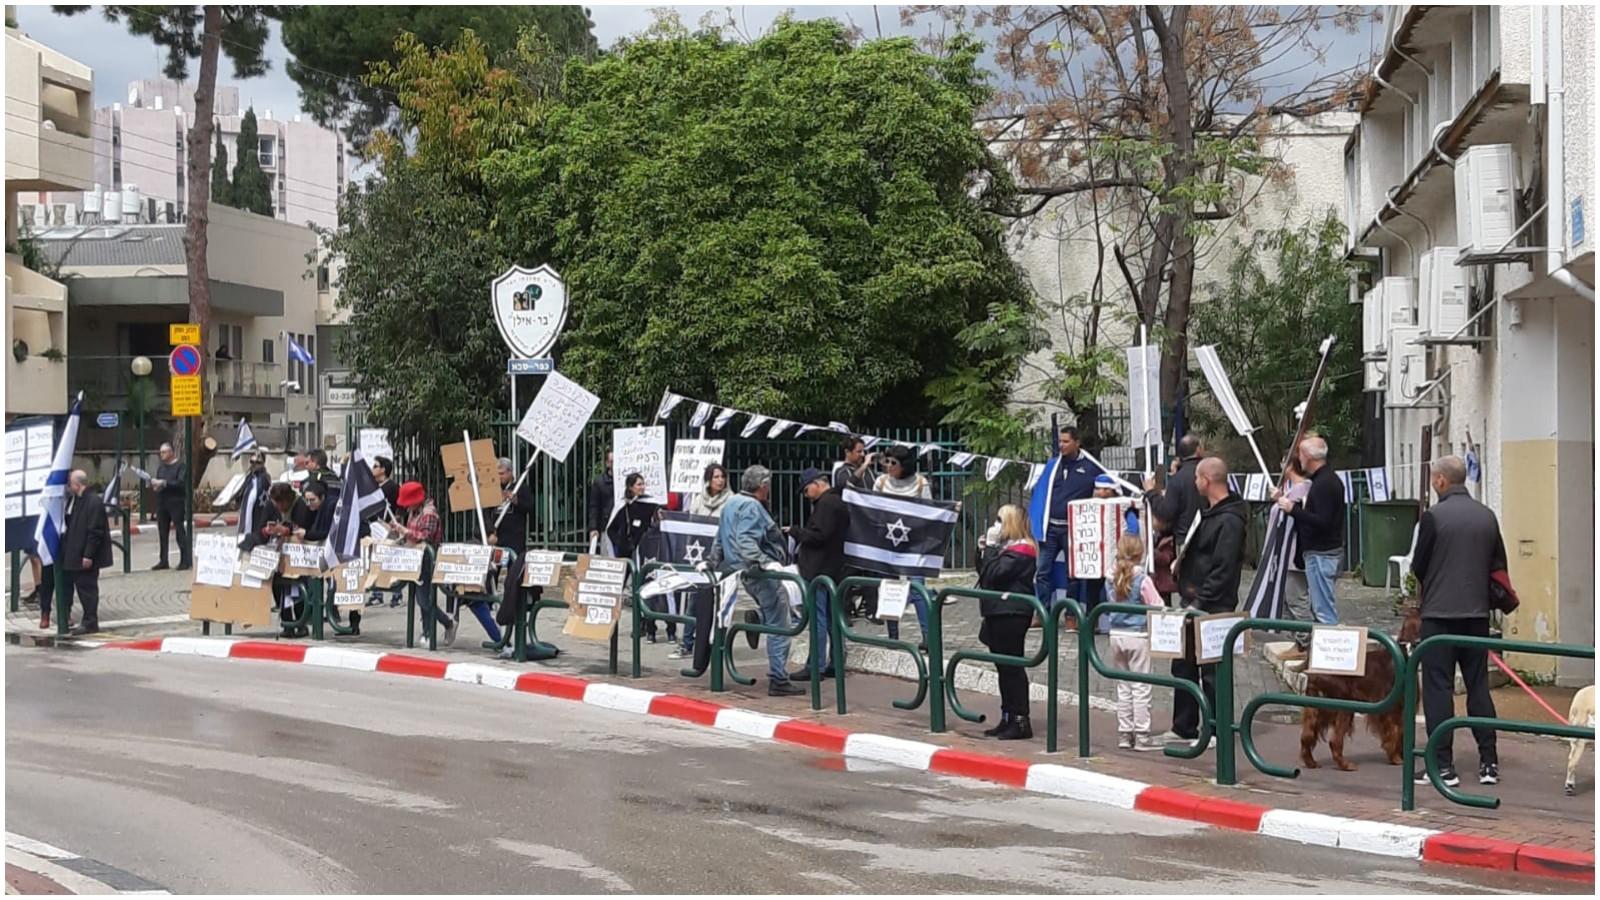 מפגינים מול ביתו של גבי אשכנזי. צילום ביקורת בונה